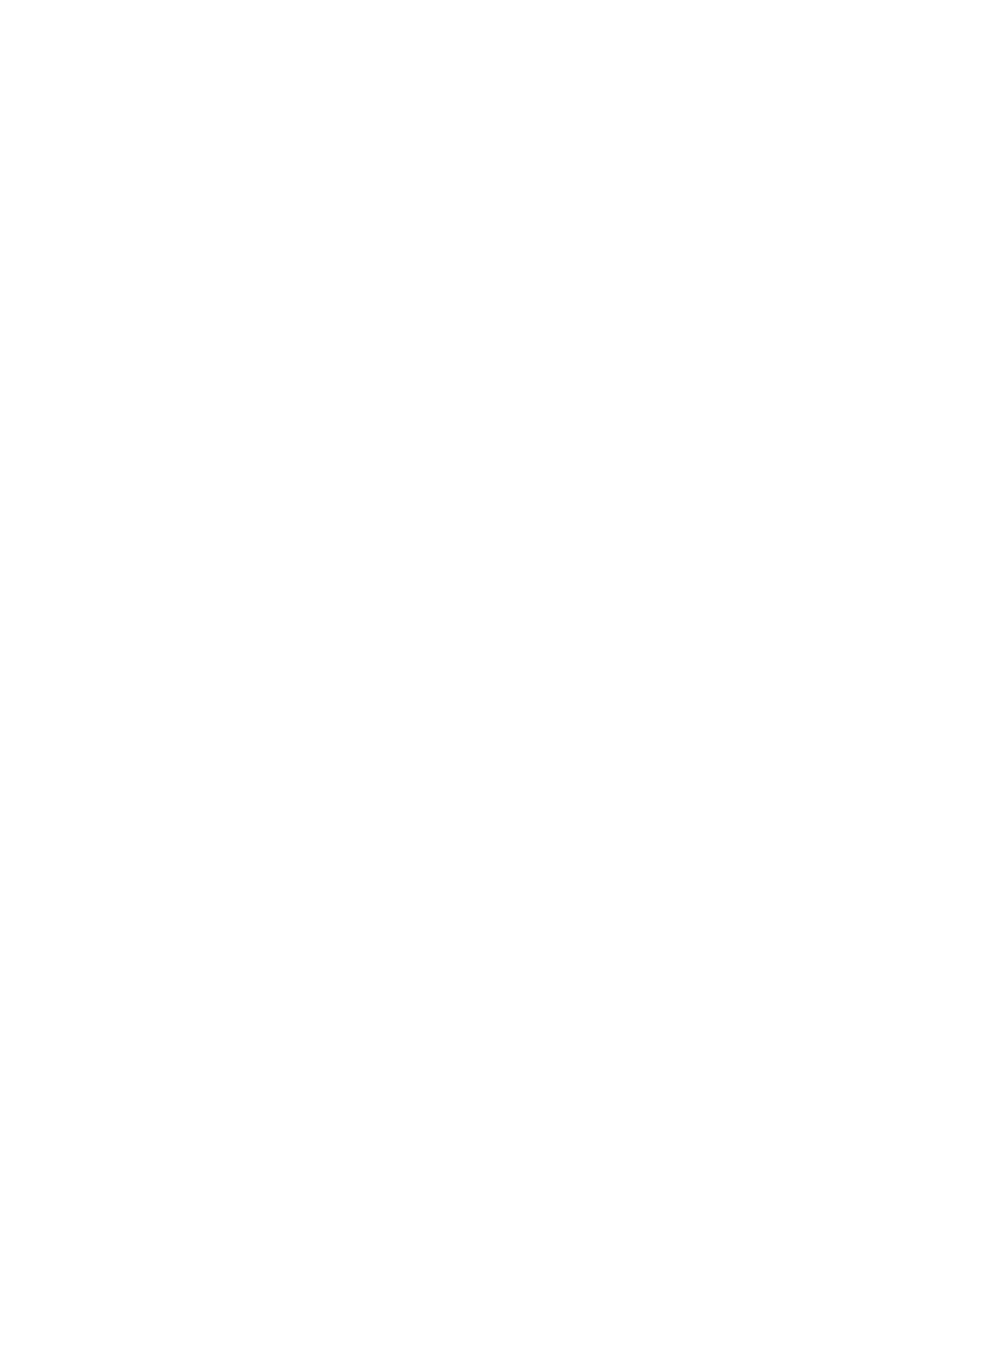 http://www.lenasbuecherwelt.blogspot.de/2014/04/rezension-rick-yancey-die-5-welle_19.html